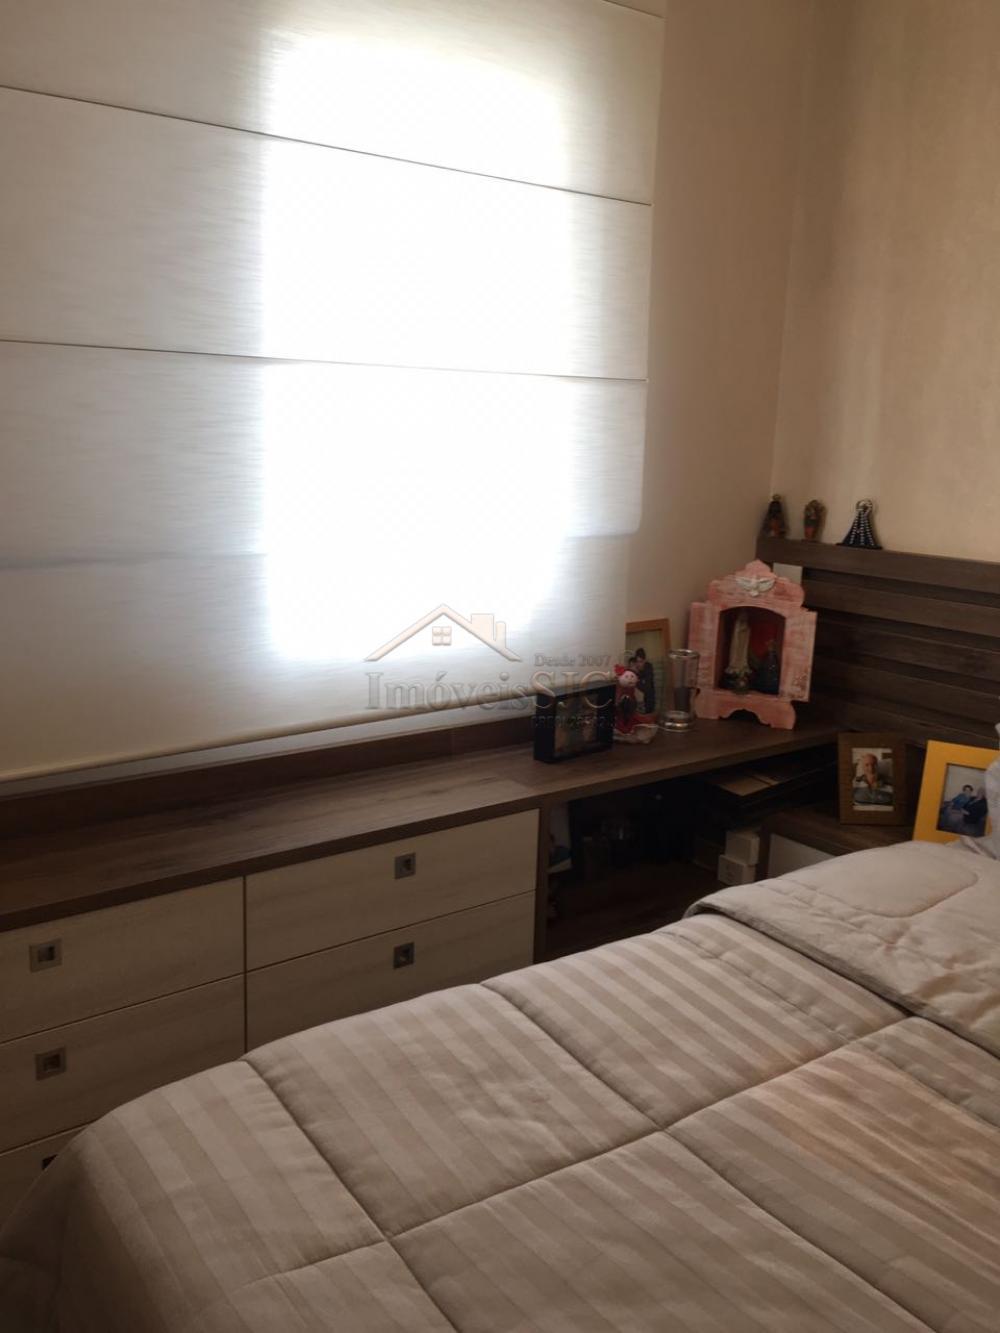 Comprar Apartamentos / Padrão em São José dos Campos apenas R$ 765.000,00 - Foto 19